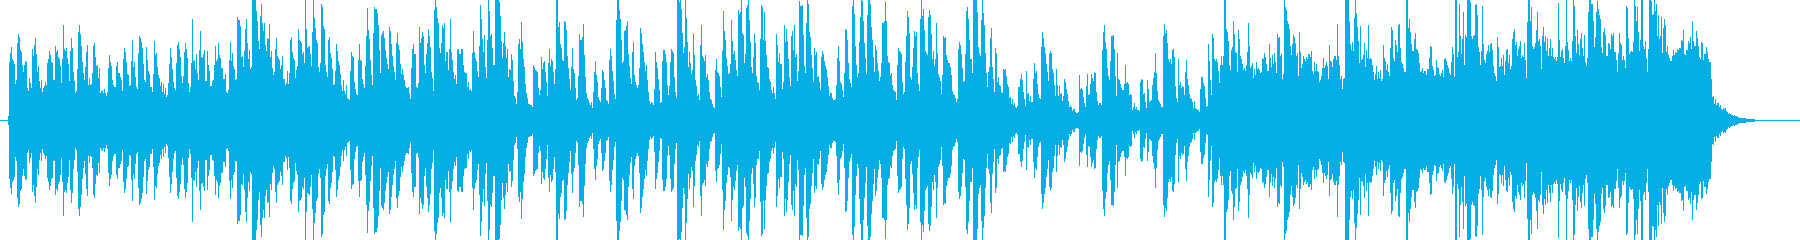 ホラー、サスペンス調のストリングス楽曲の再生済みの波形